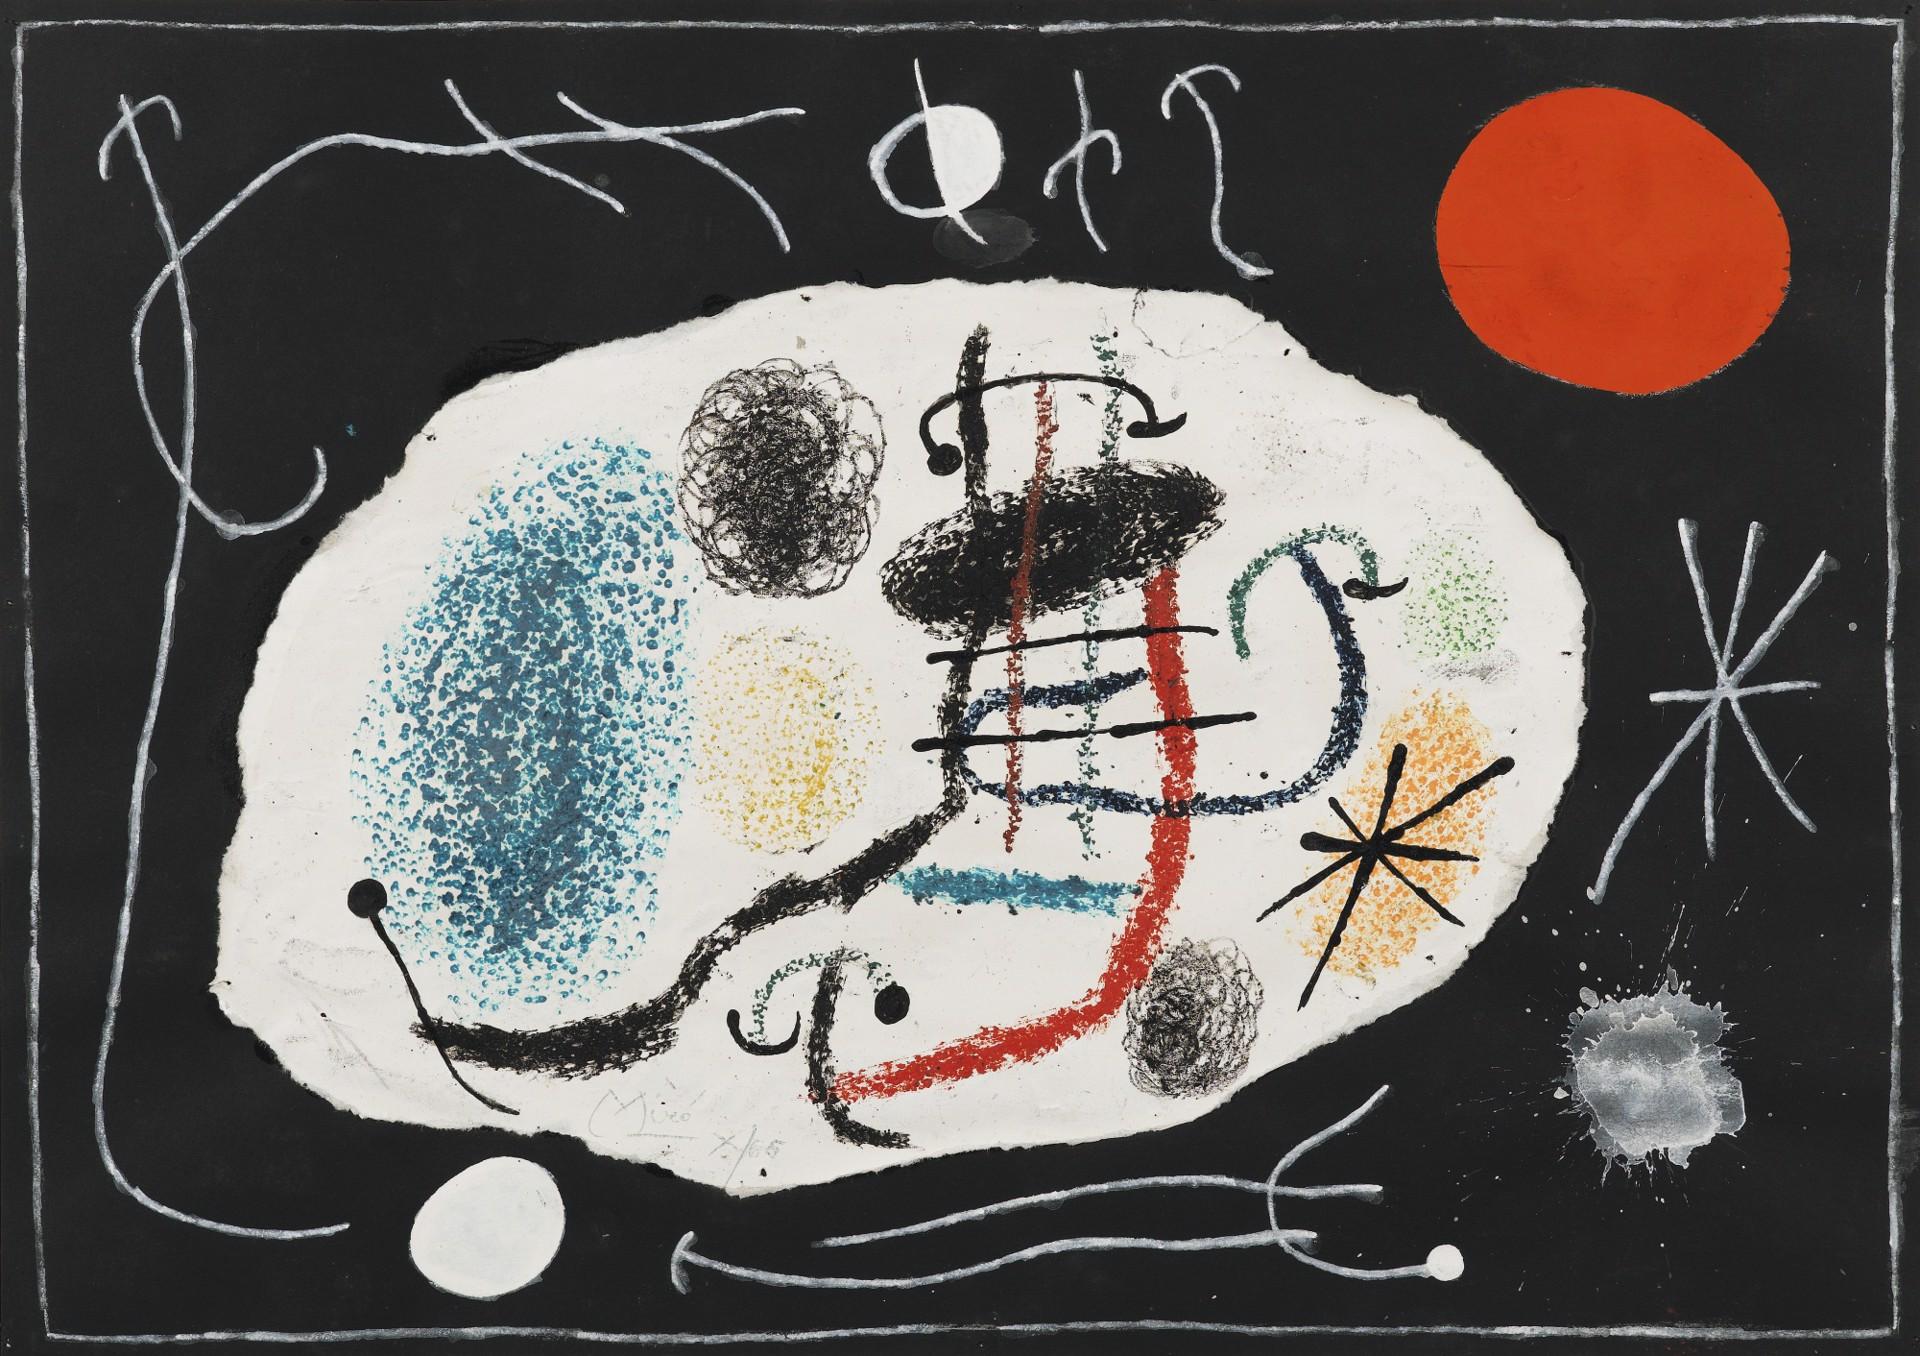 Le Lezard aux Plumes d'Or Plate VI by Joan Miro (1893 - 1983)